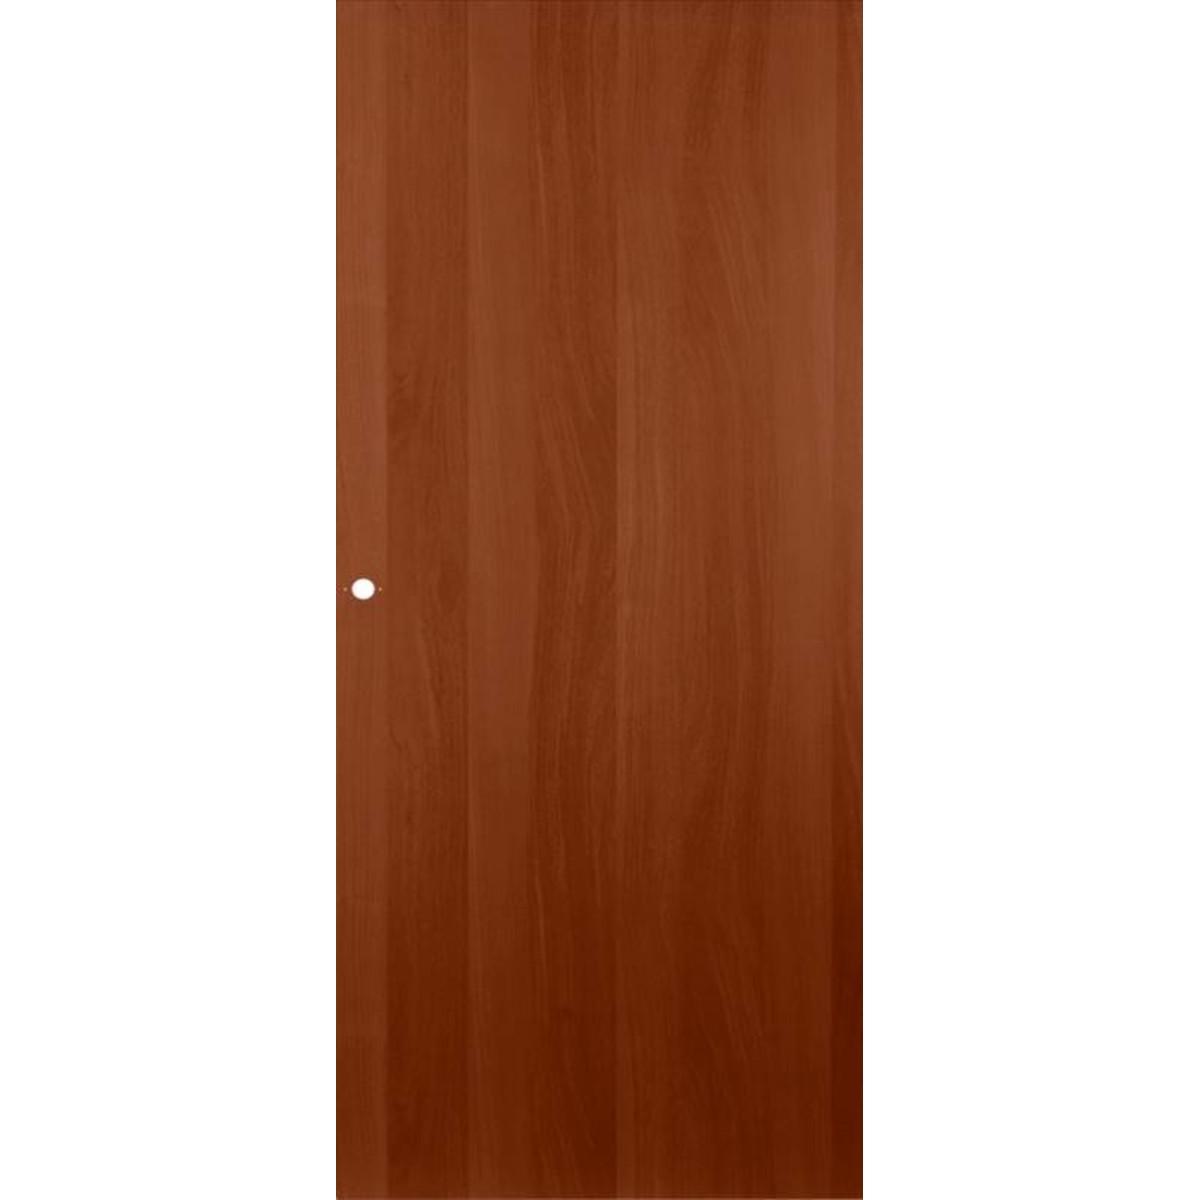 Дверь Межкомнатная Глухая Ламинированная 60x200 Цвет Итальянский Орех